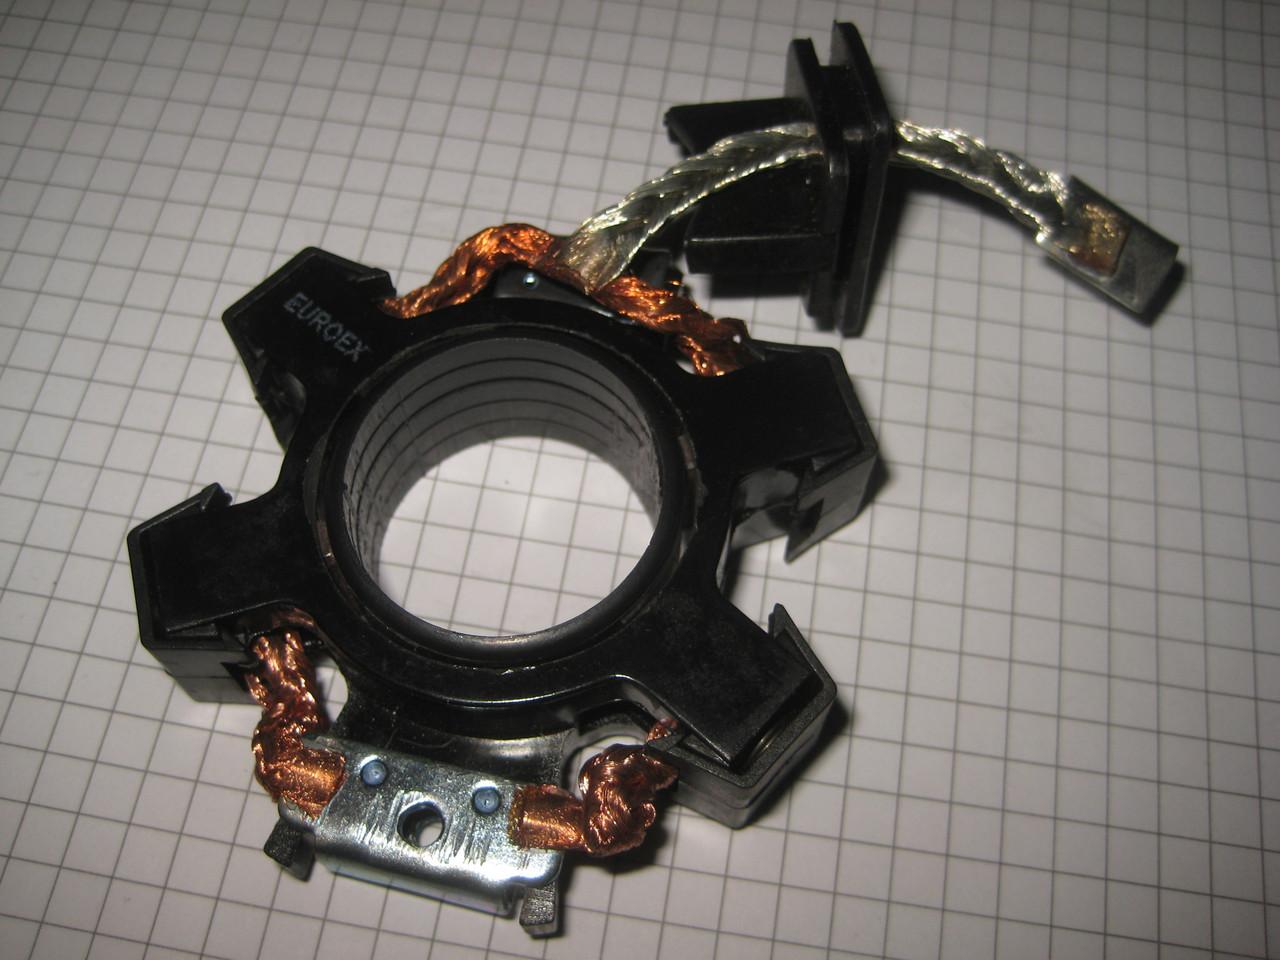 Щетки щеточный узел щеткодержатель стартера EX-75107 Деу Део Ланос Нексия Daewoo Lanos Nexia EvroEx